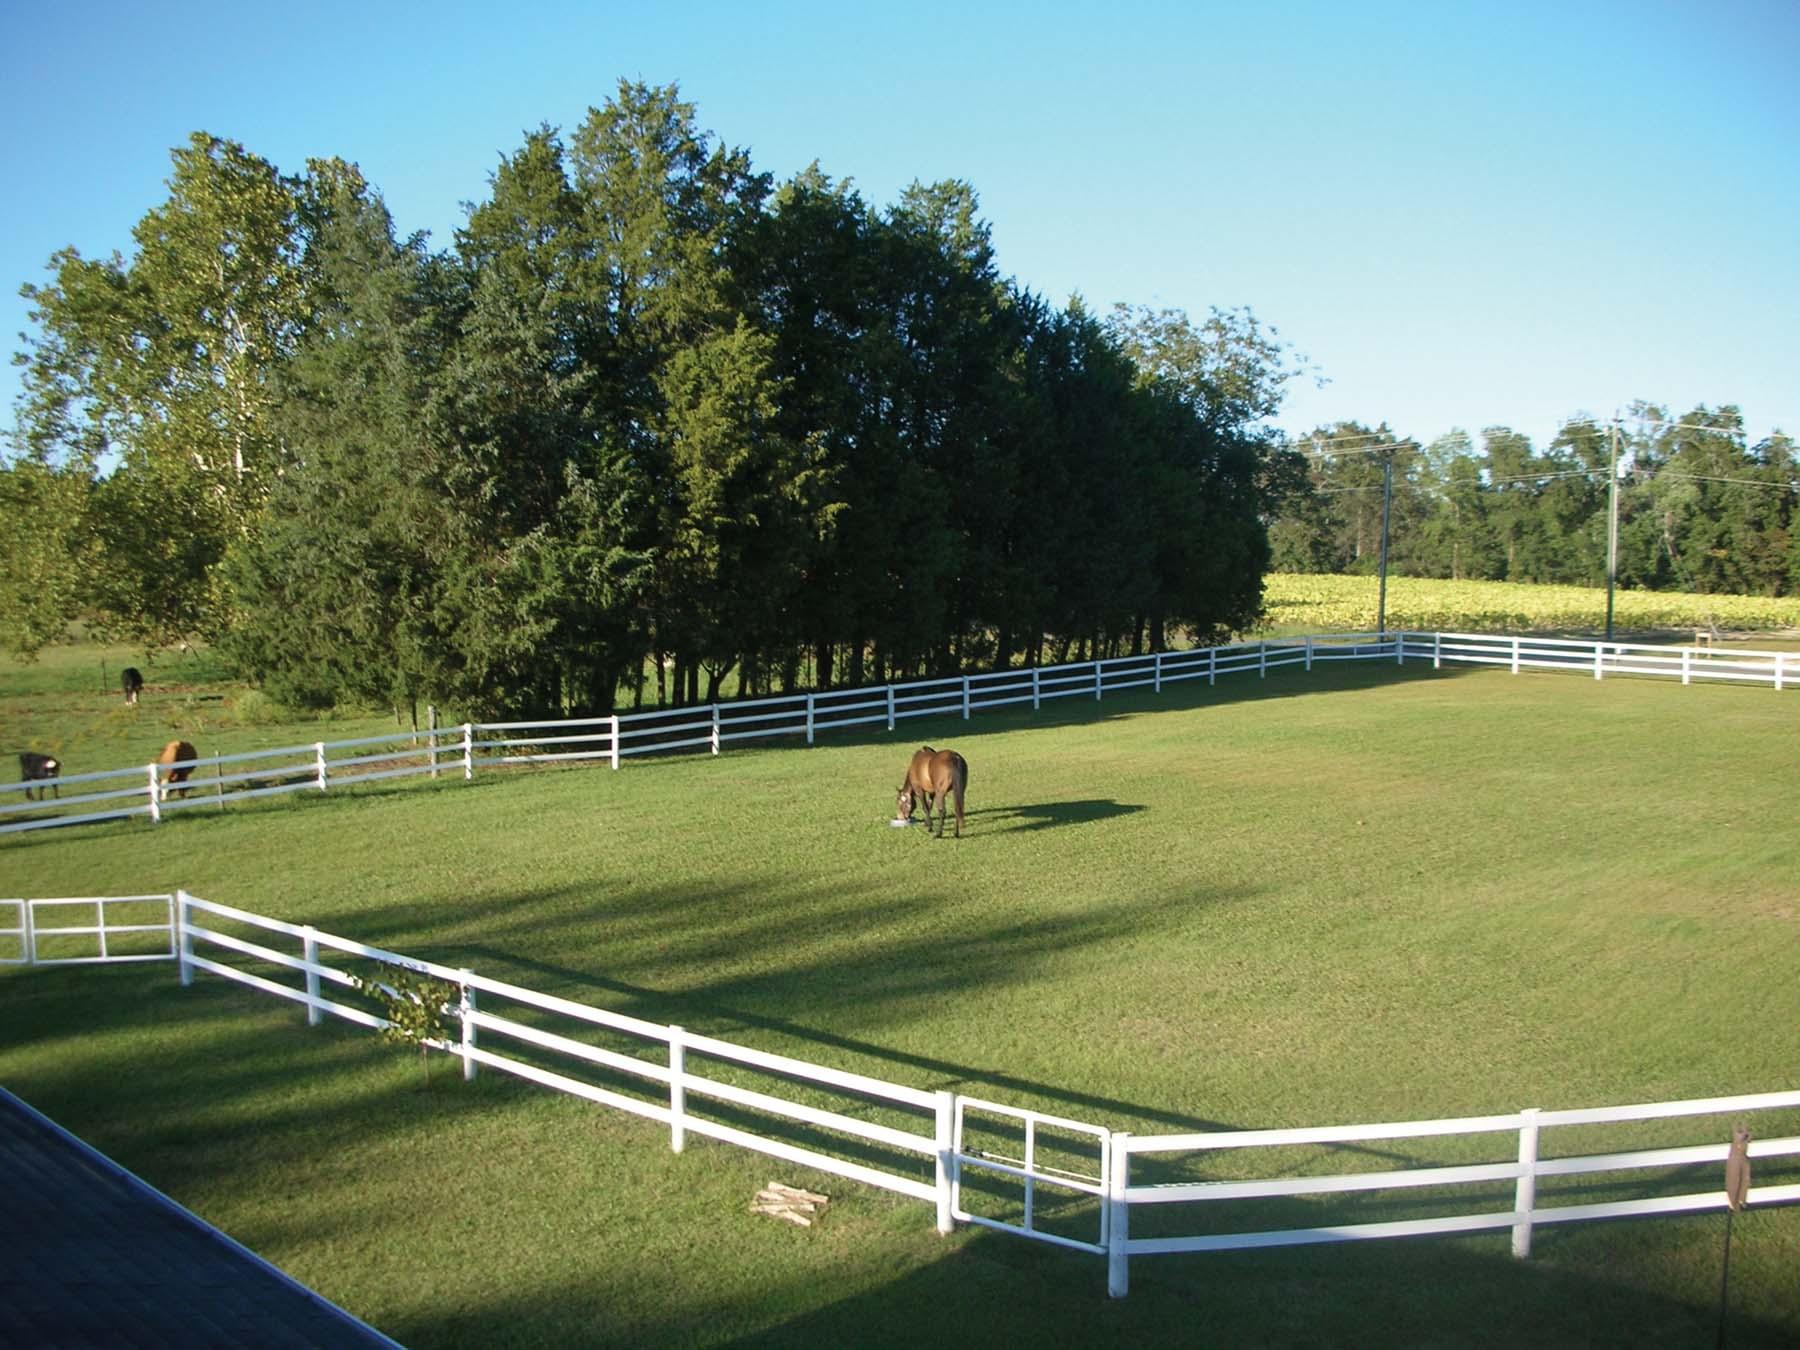 Fencing Livestock 101 | FarmTek Blog